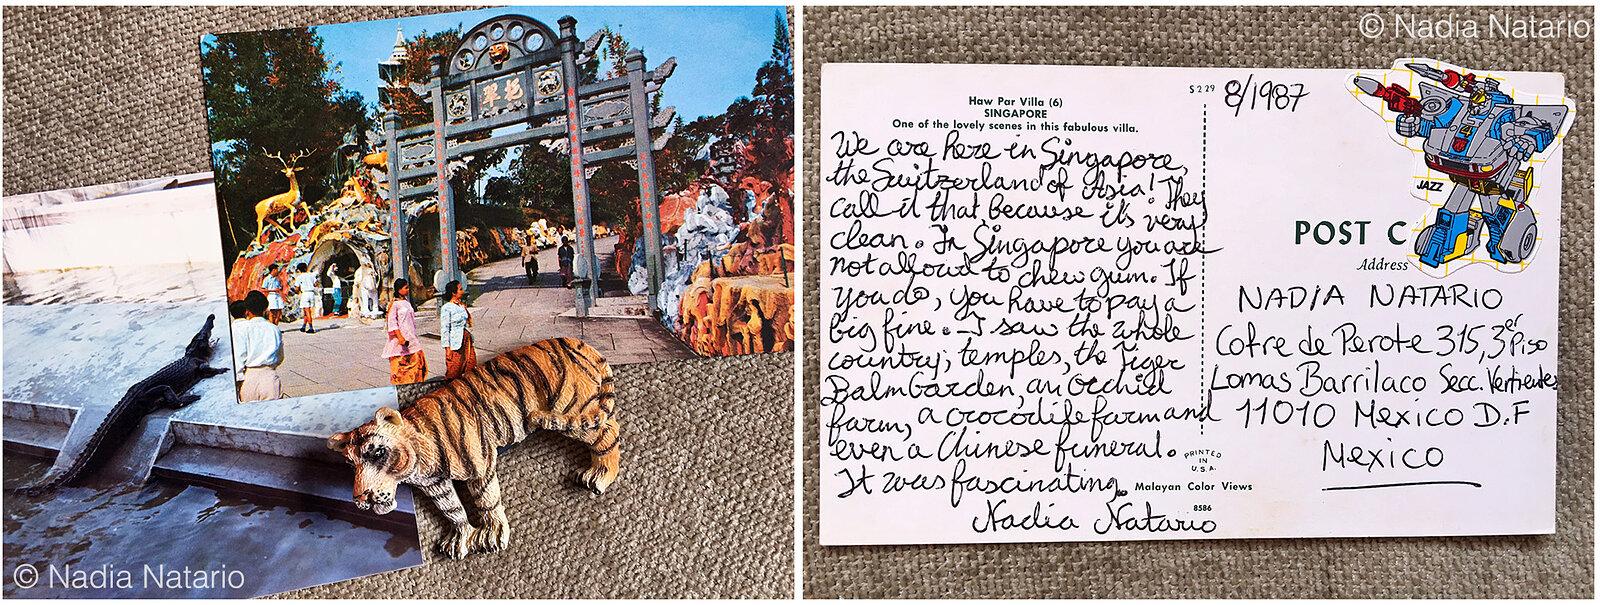 Postcards to Myself - Singapore, 1987